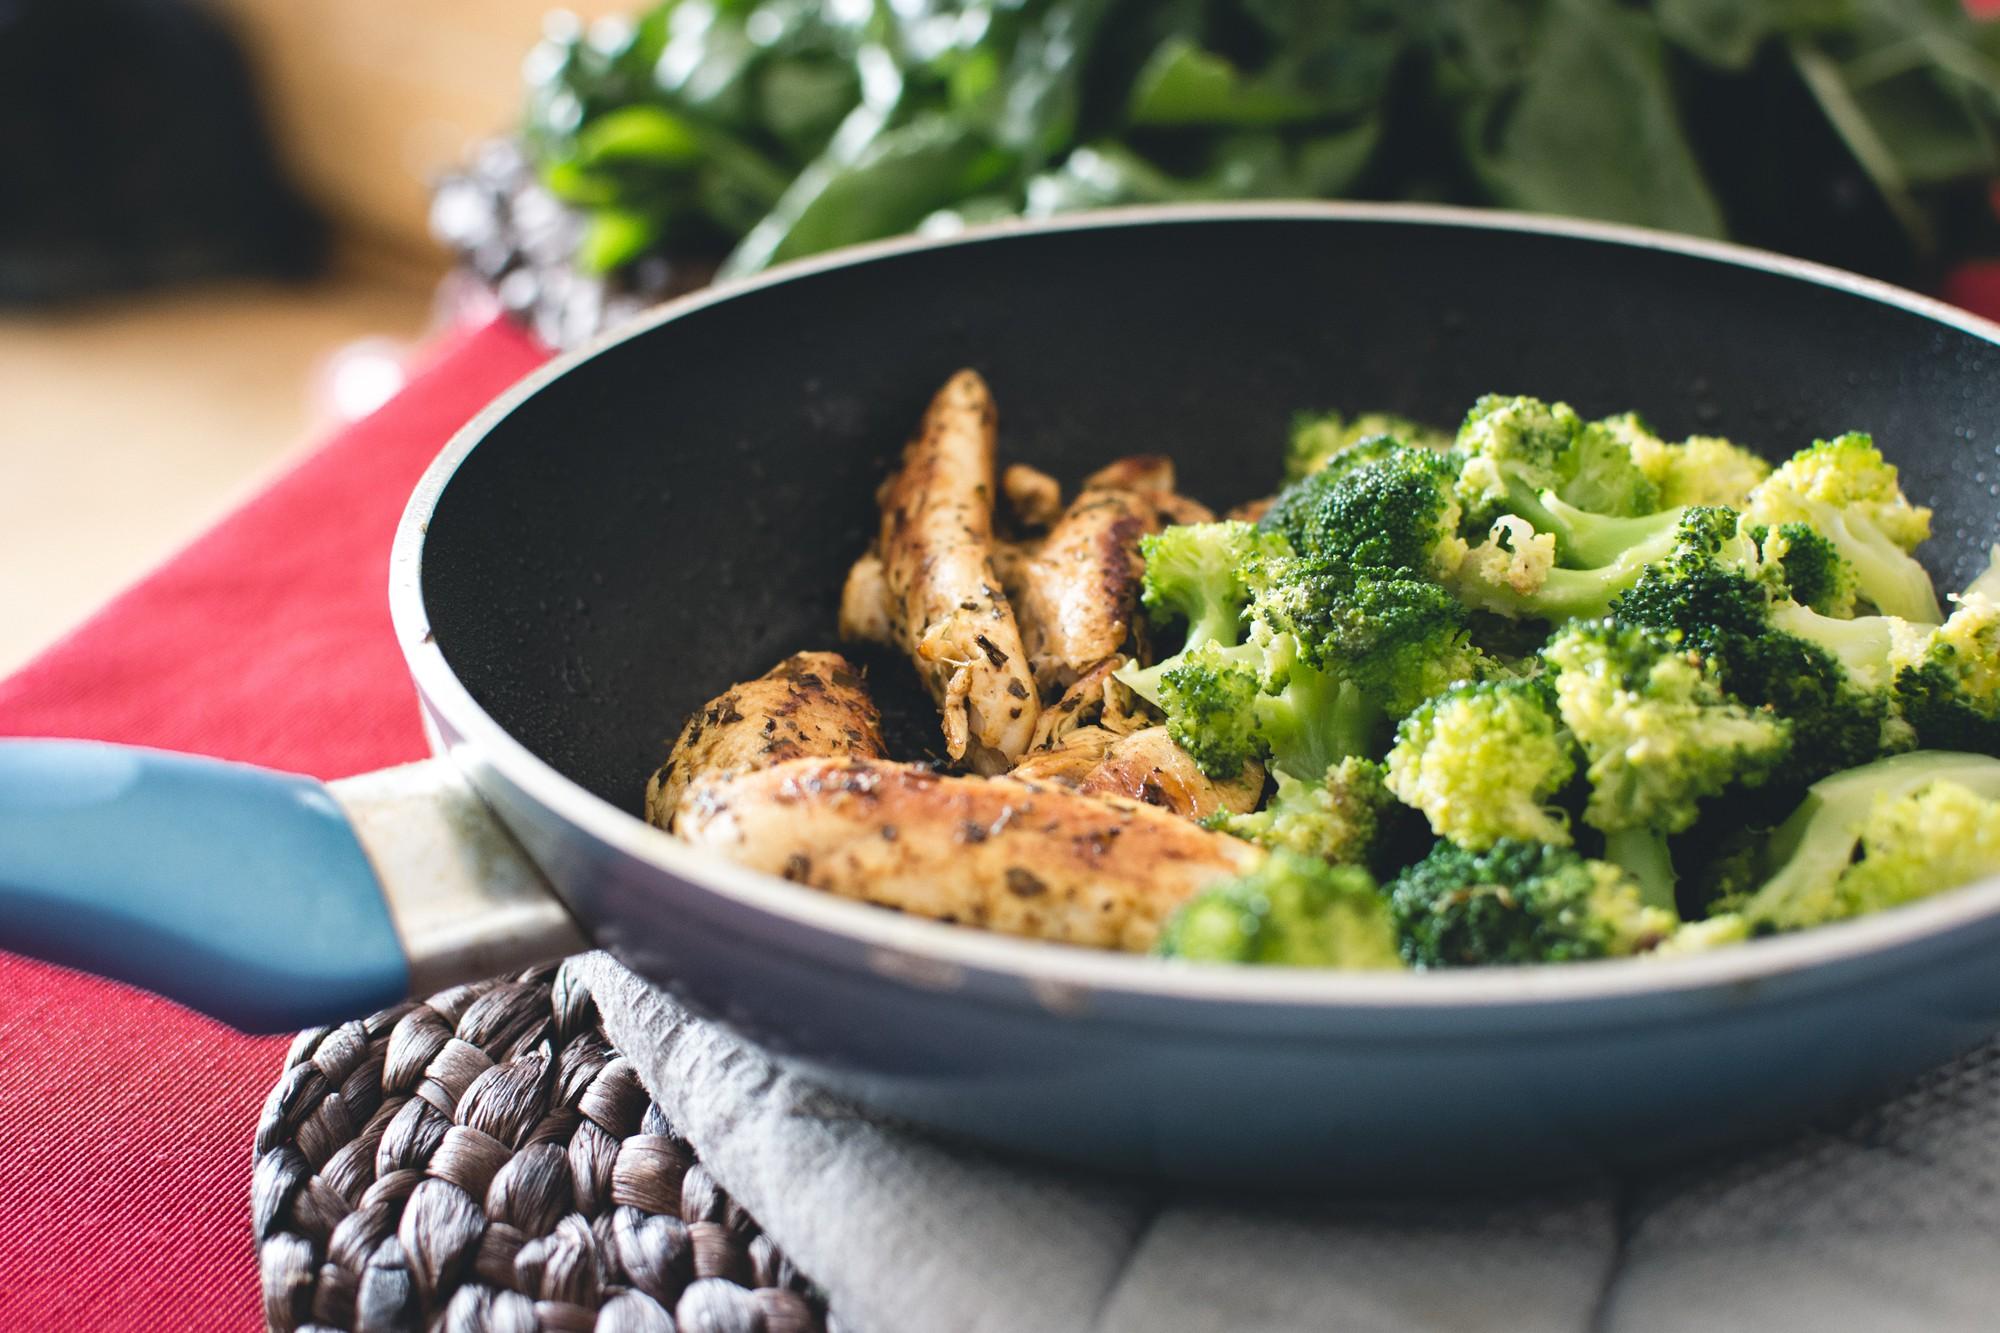 Mùa đông này nên ăn nhiều loại rau này hơn để thu về một loạt lợi ích sức khỏe - Ảnh 7.